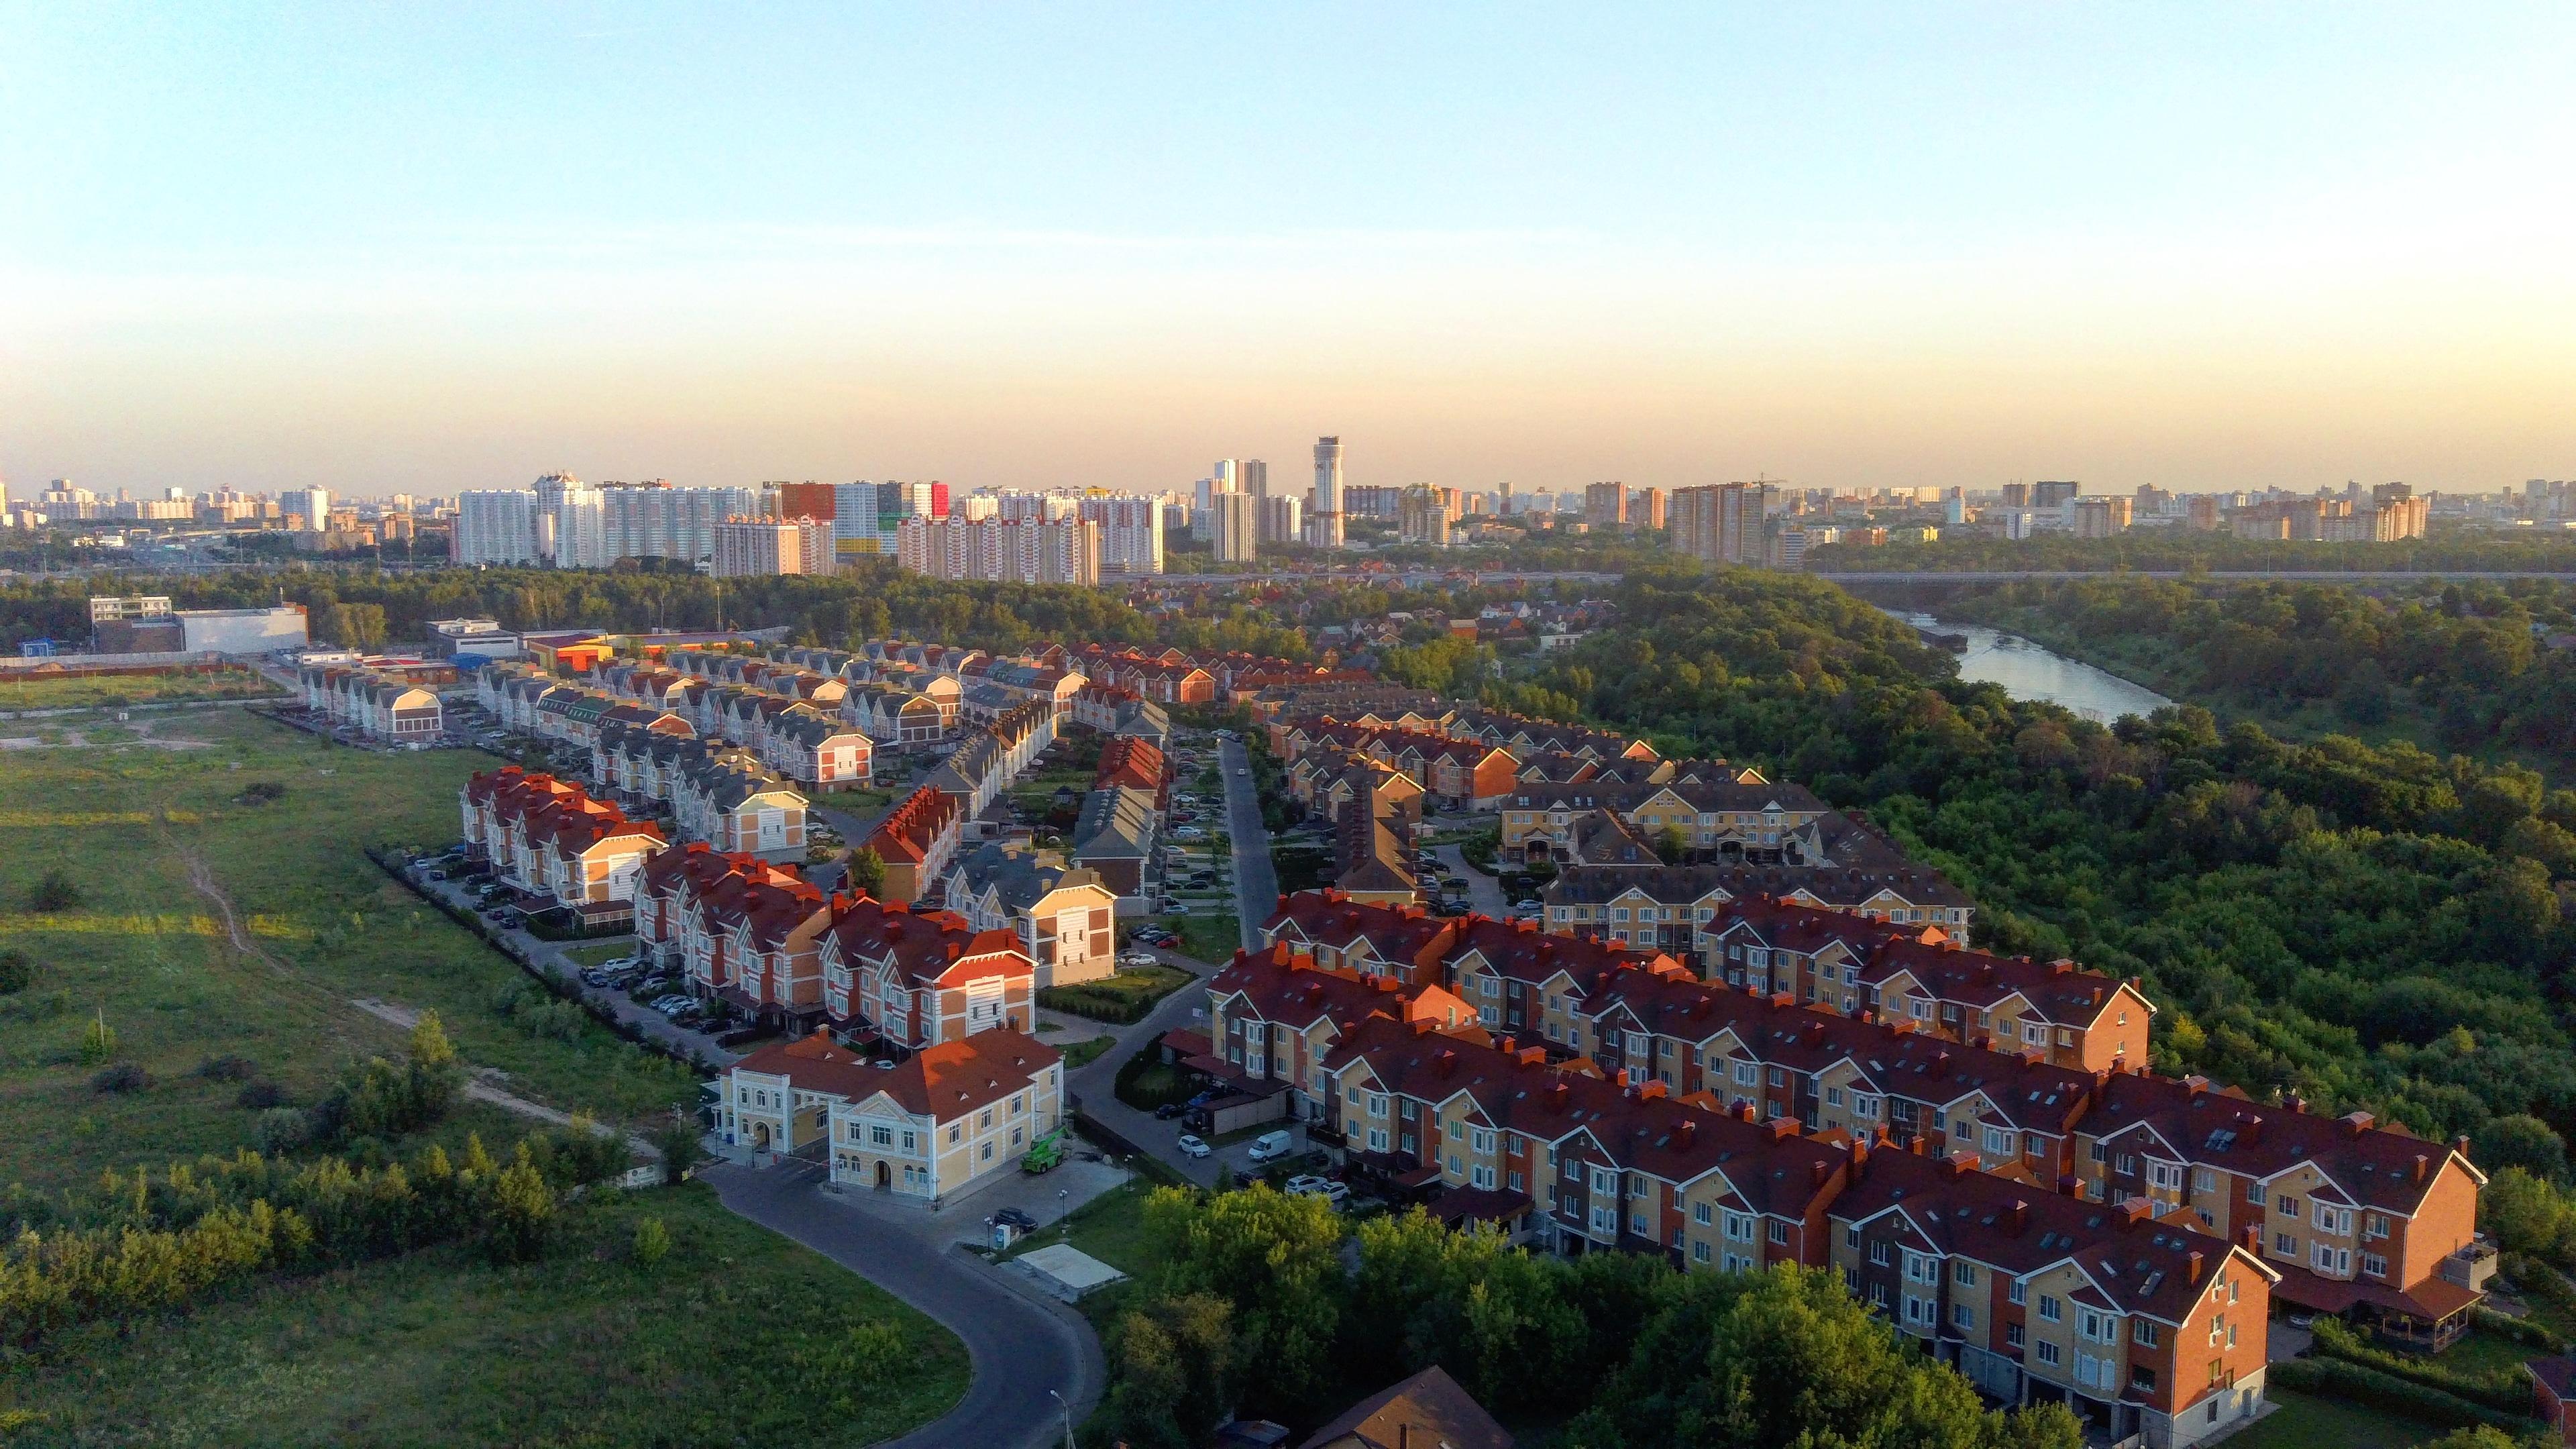 топовой долгопрудный фото города приятная, углы